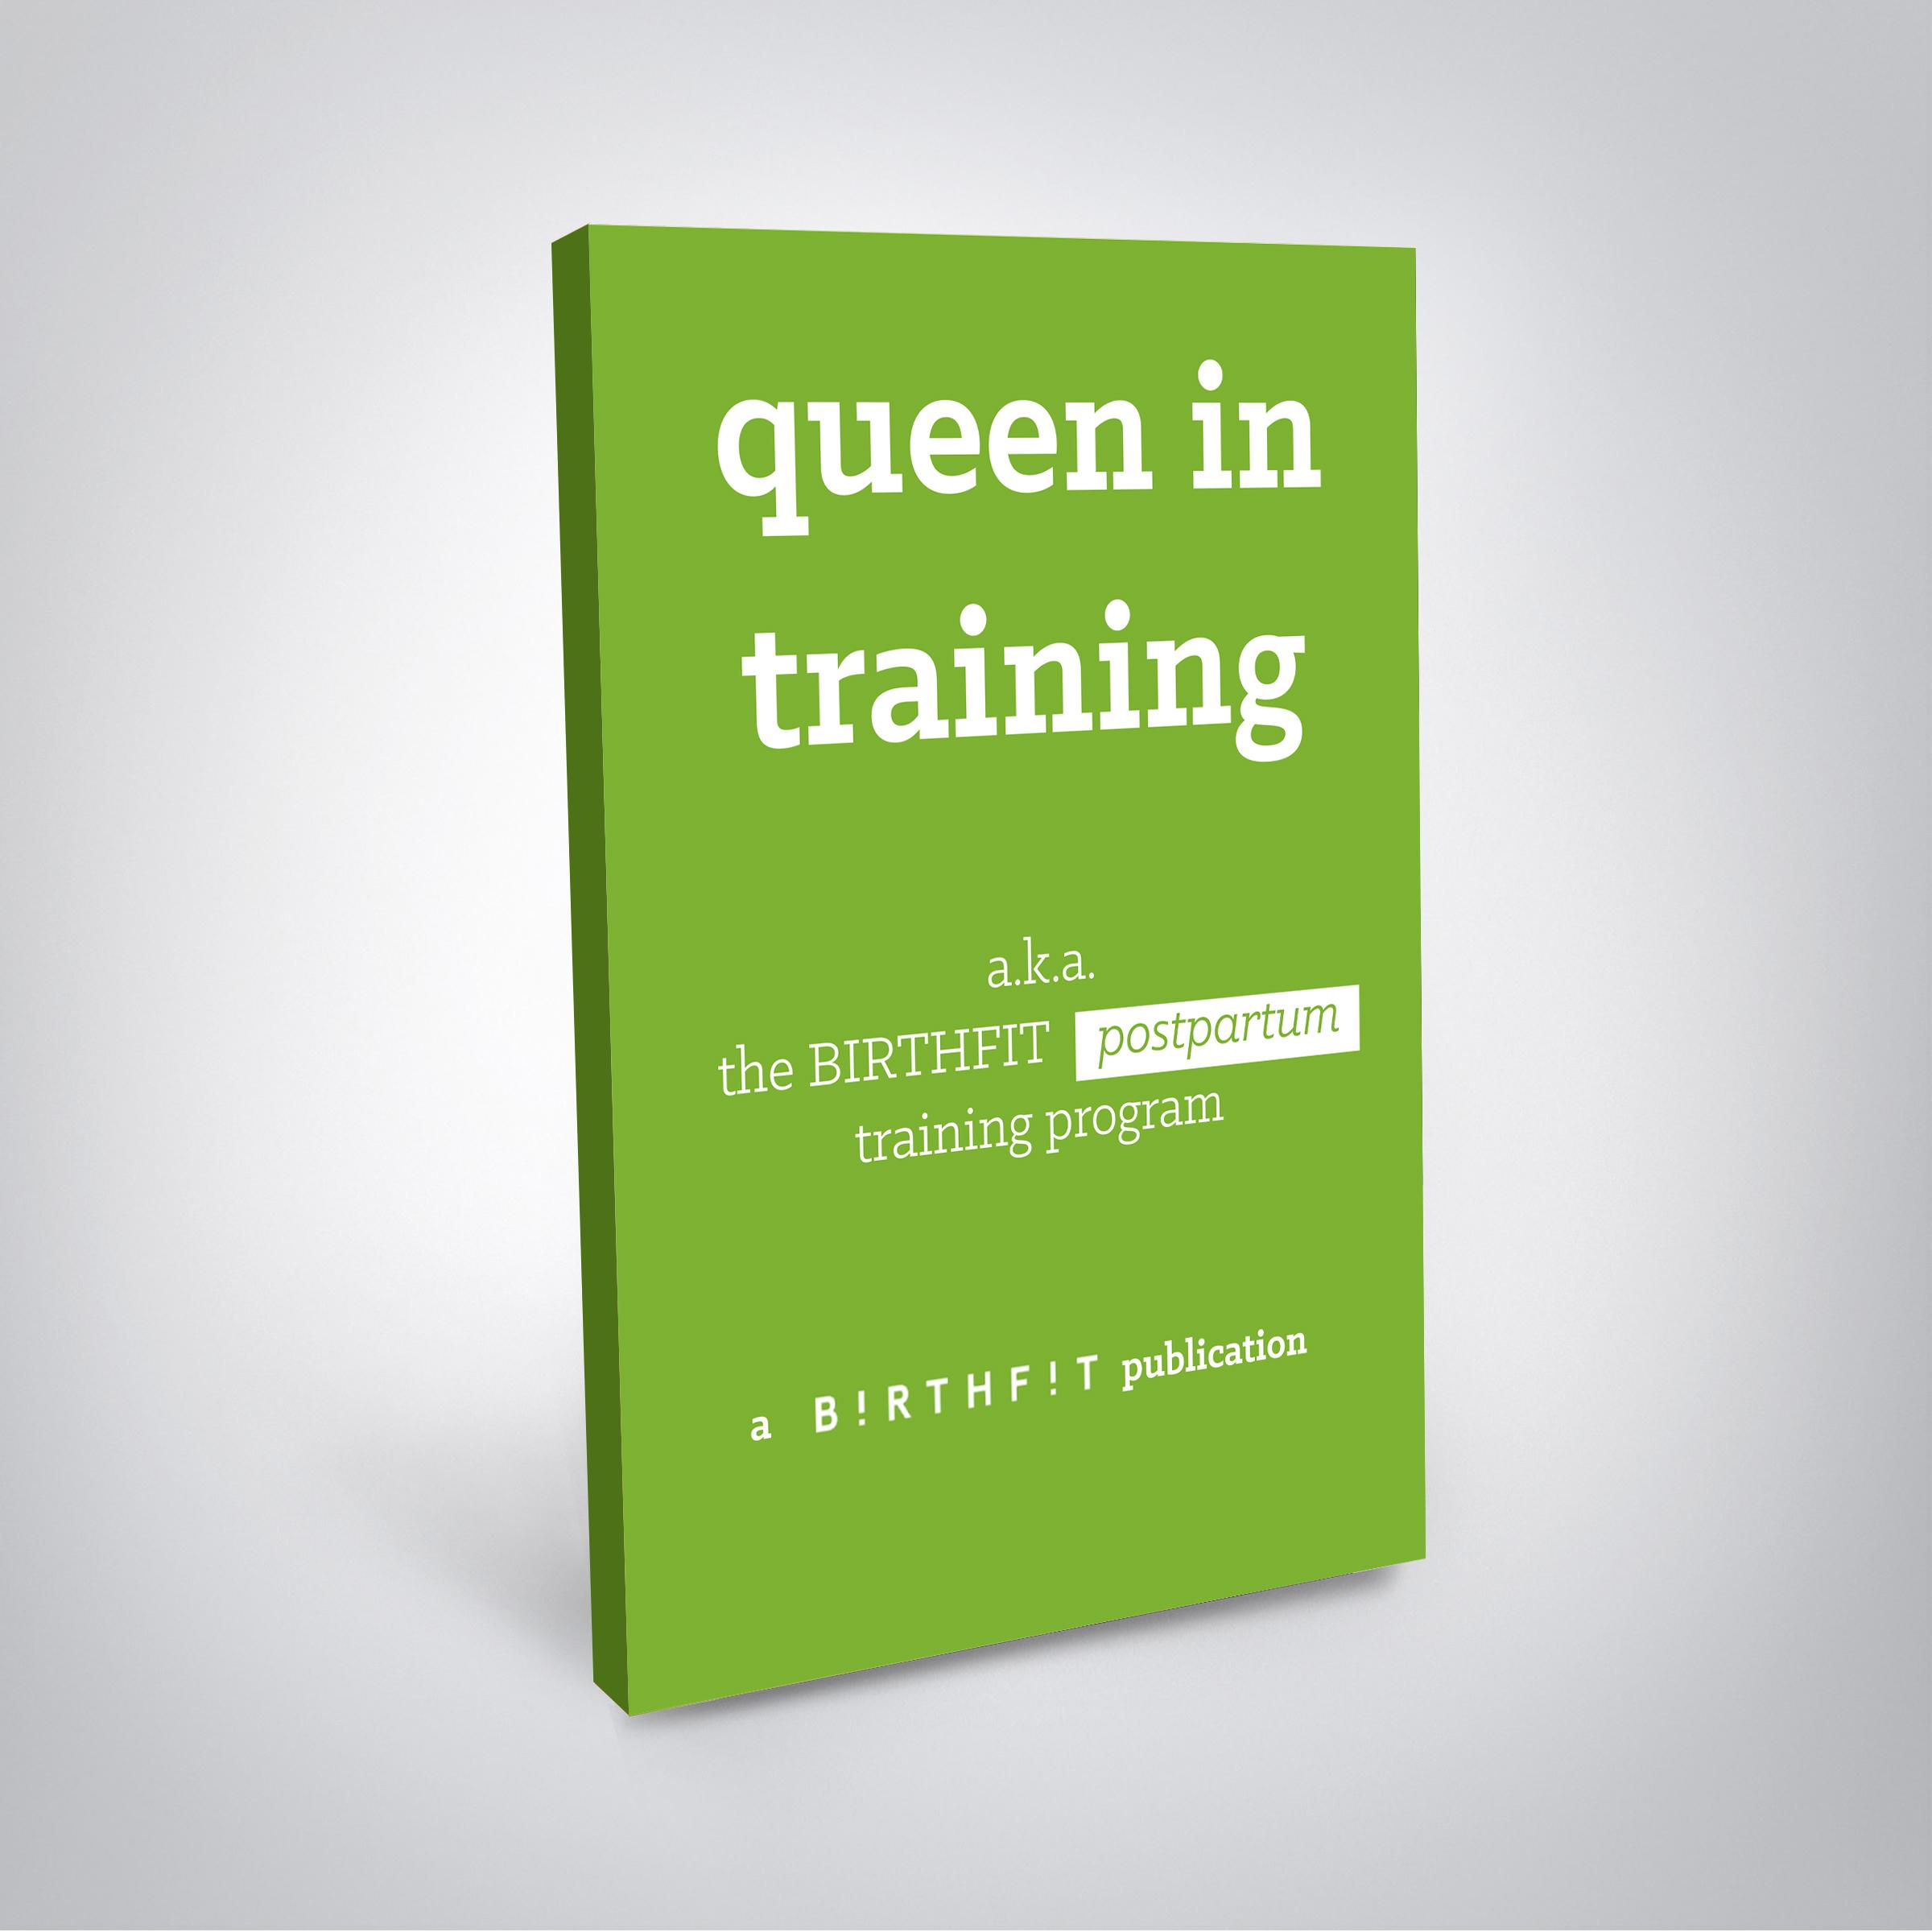 Queen In Training Green Book